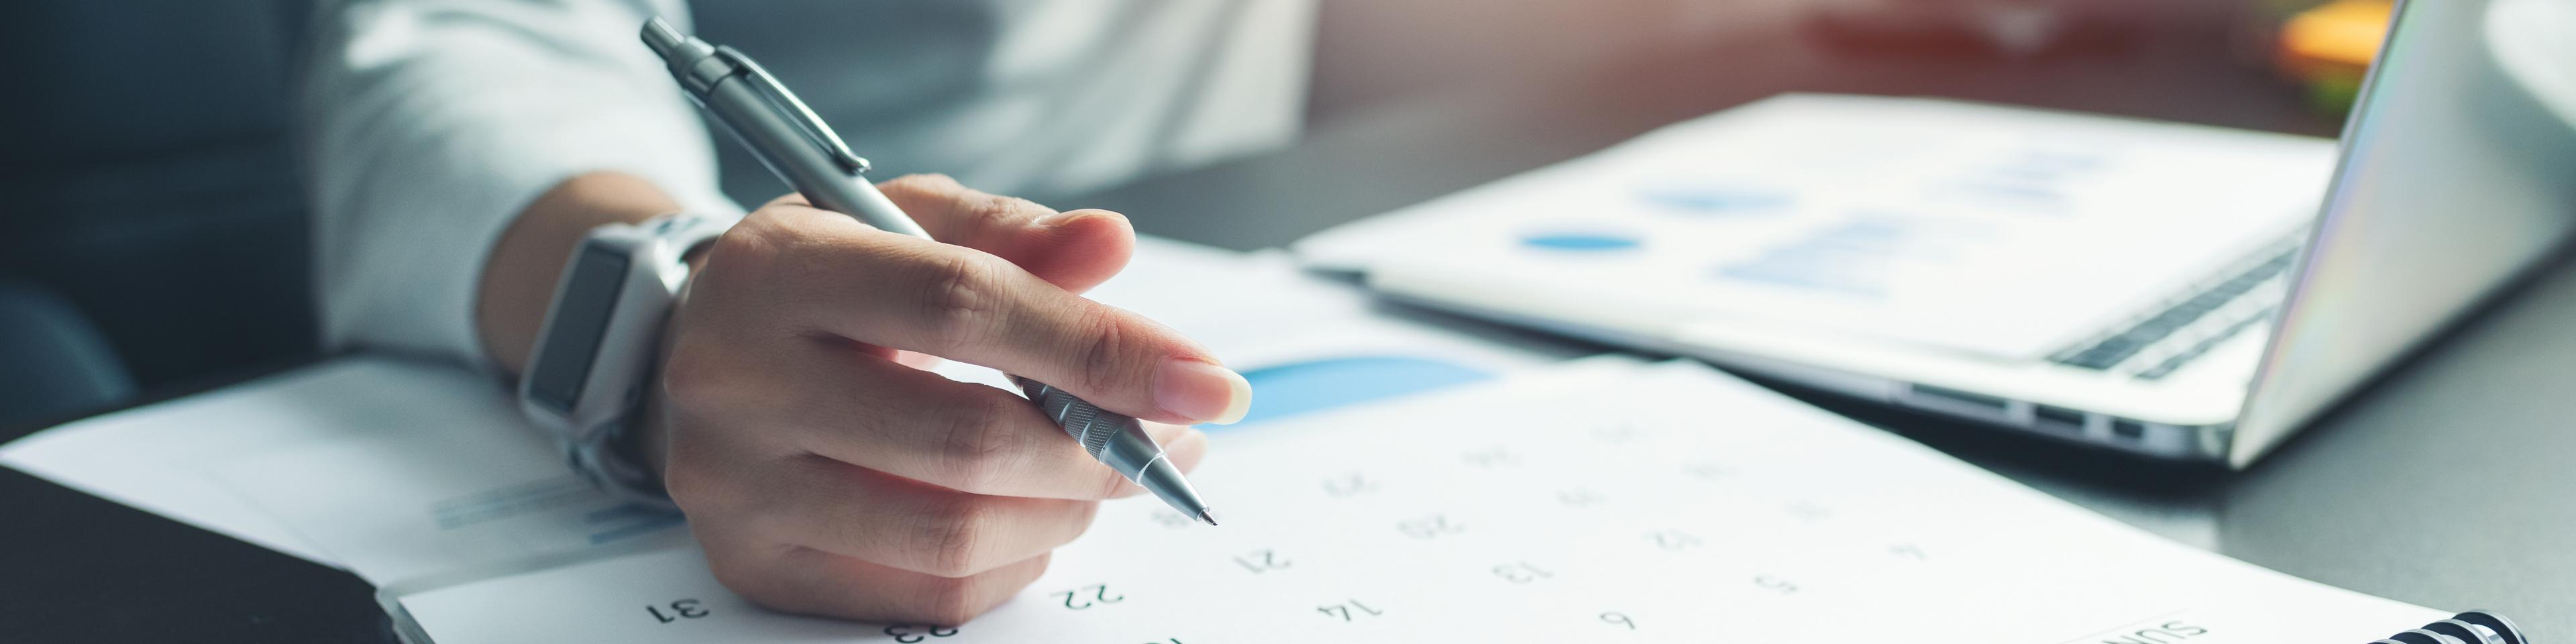 Holding a pen over a calendar